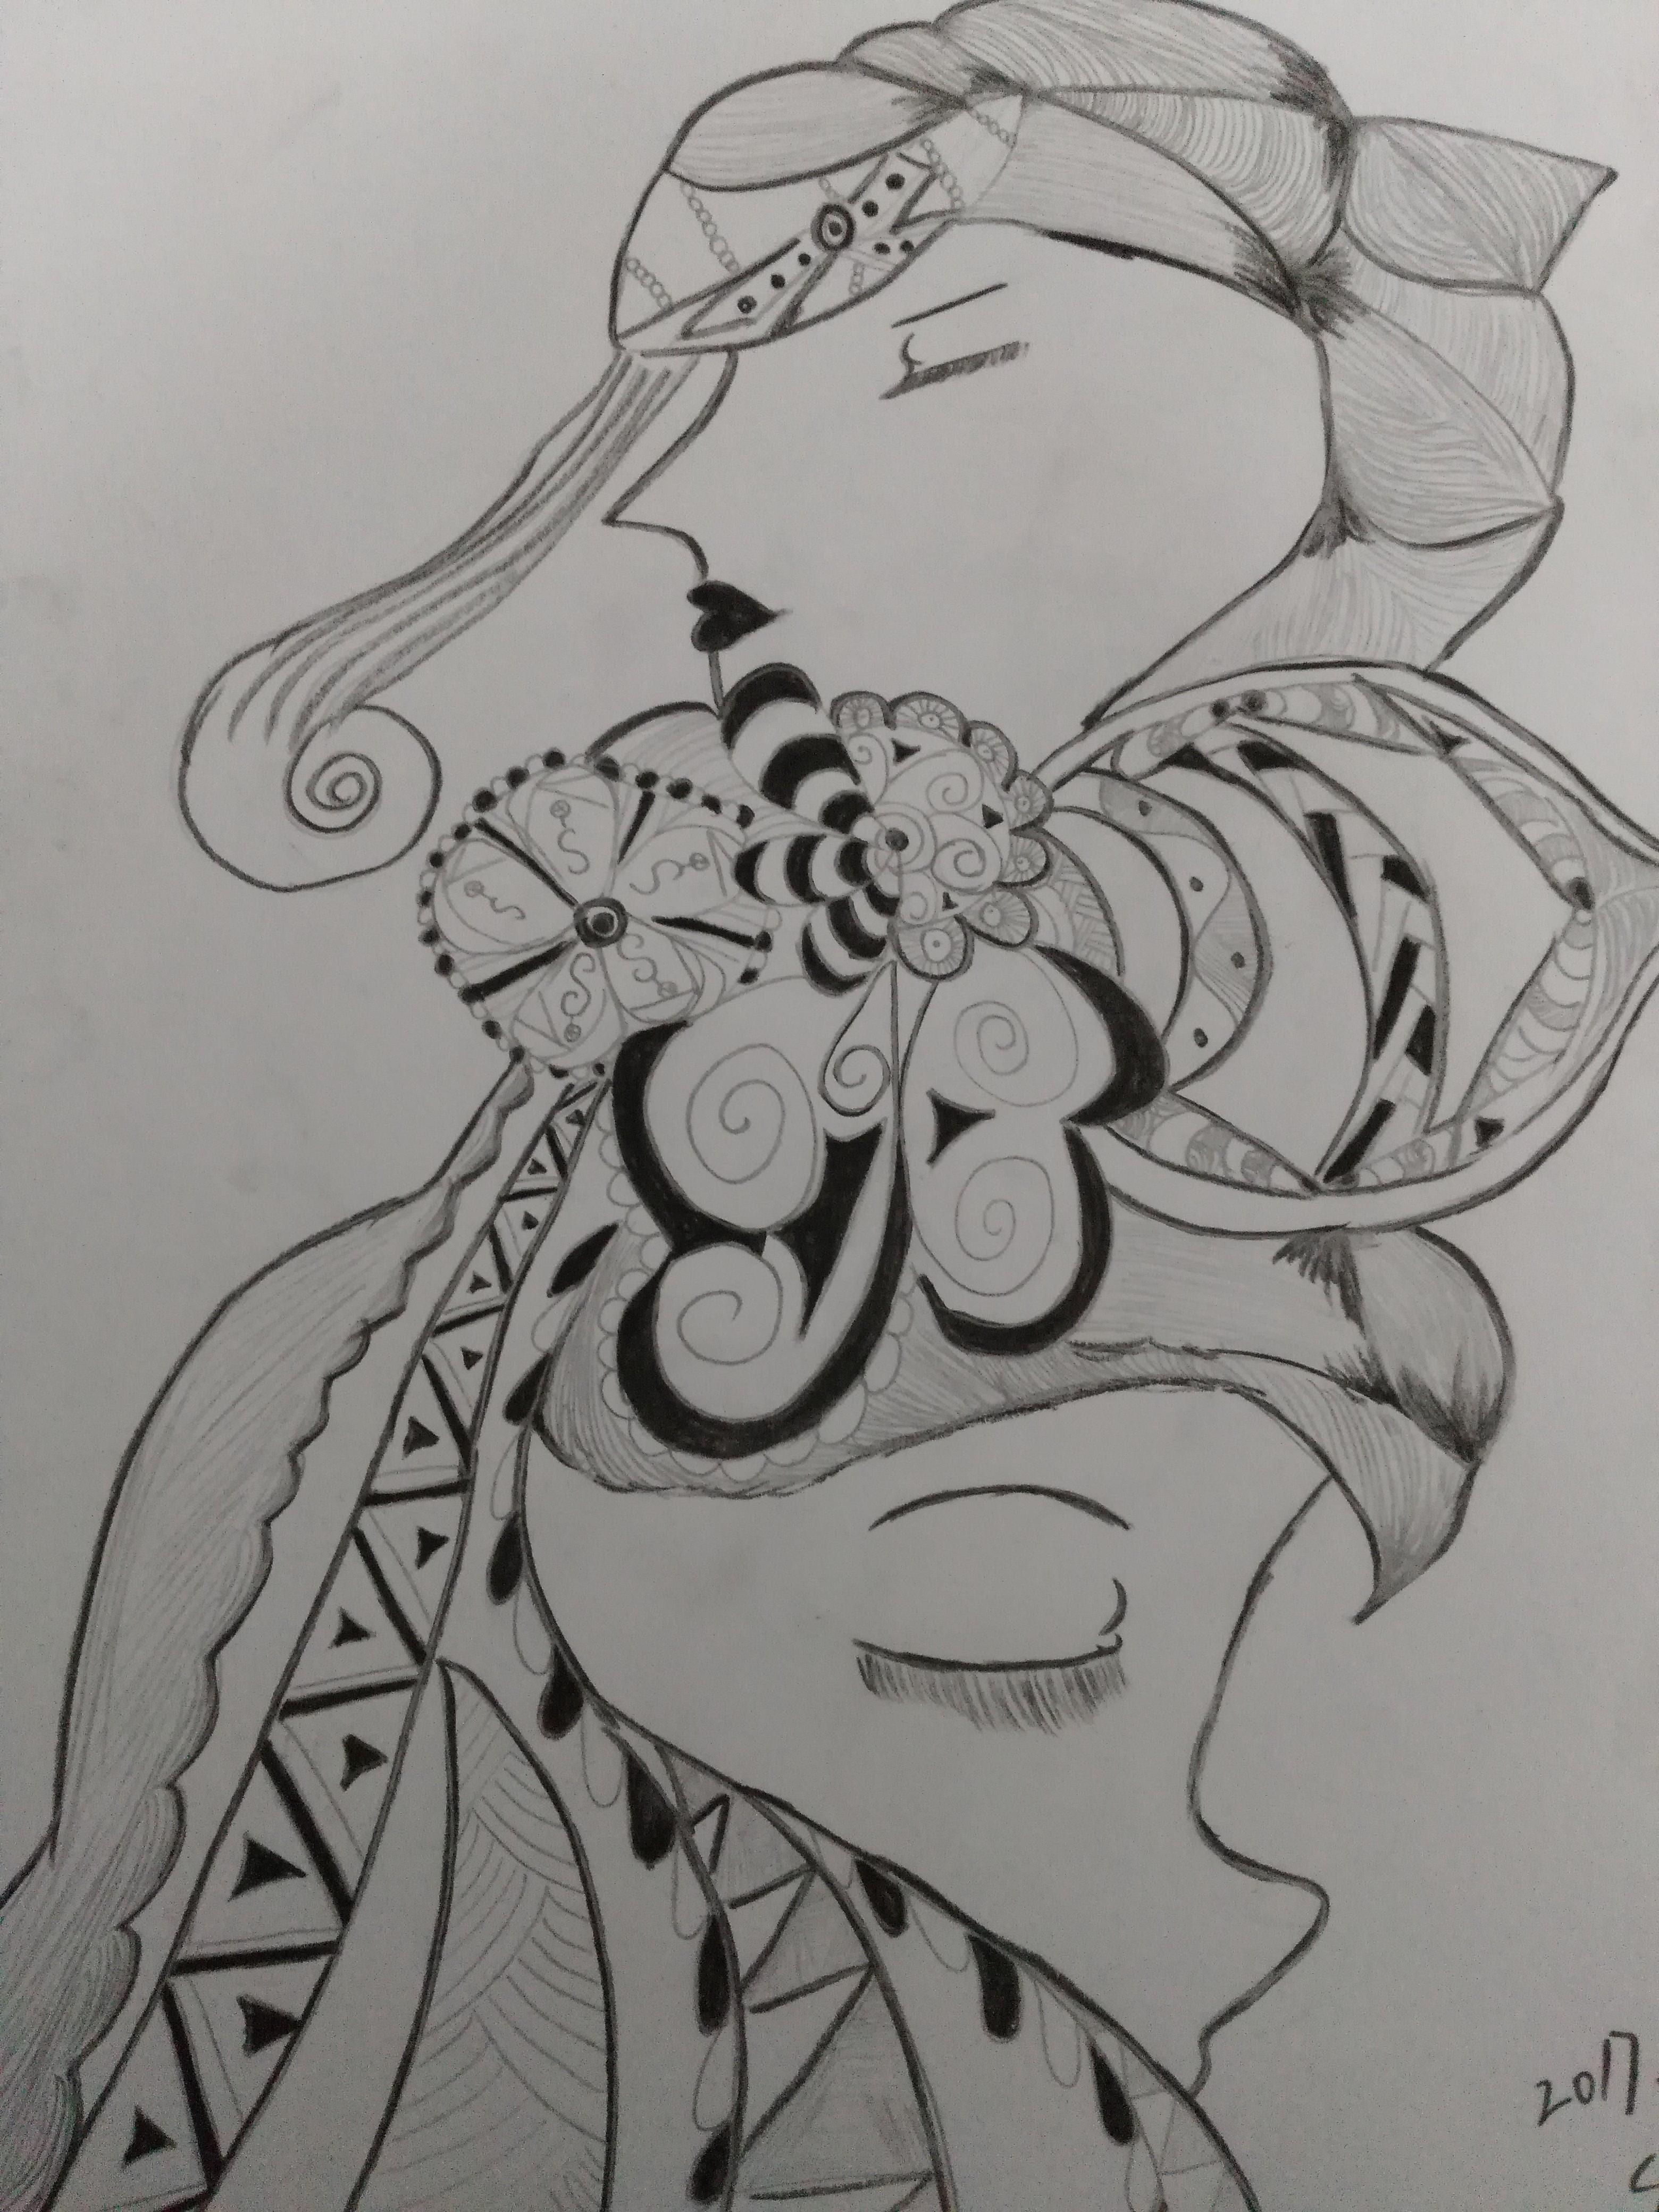 黑白线条人物系列|纯艺术|素描|短蛸 - 原创作品图片